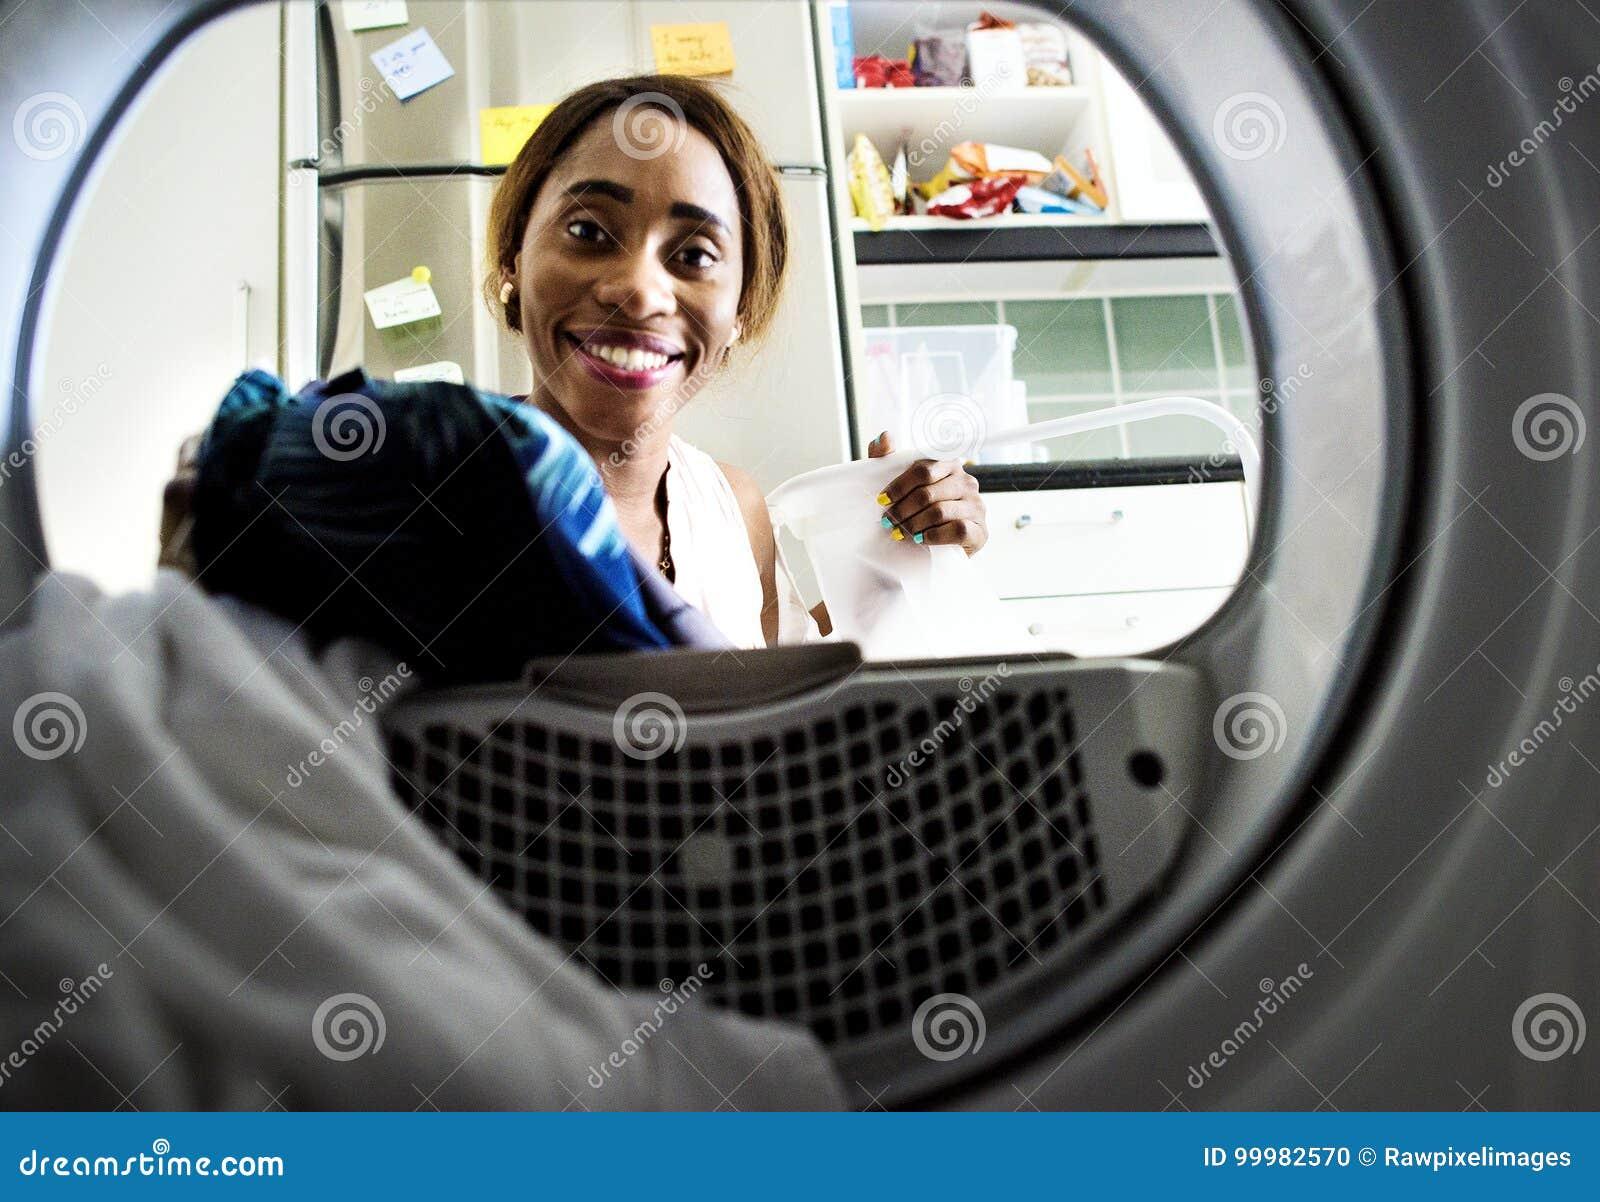 Murzynka używa pralkę robi pralni